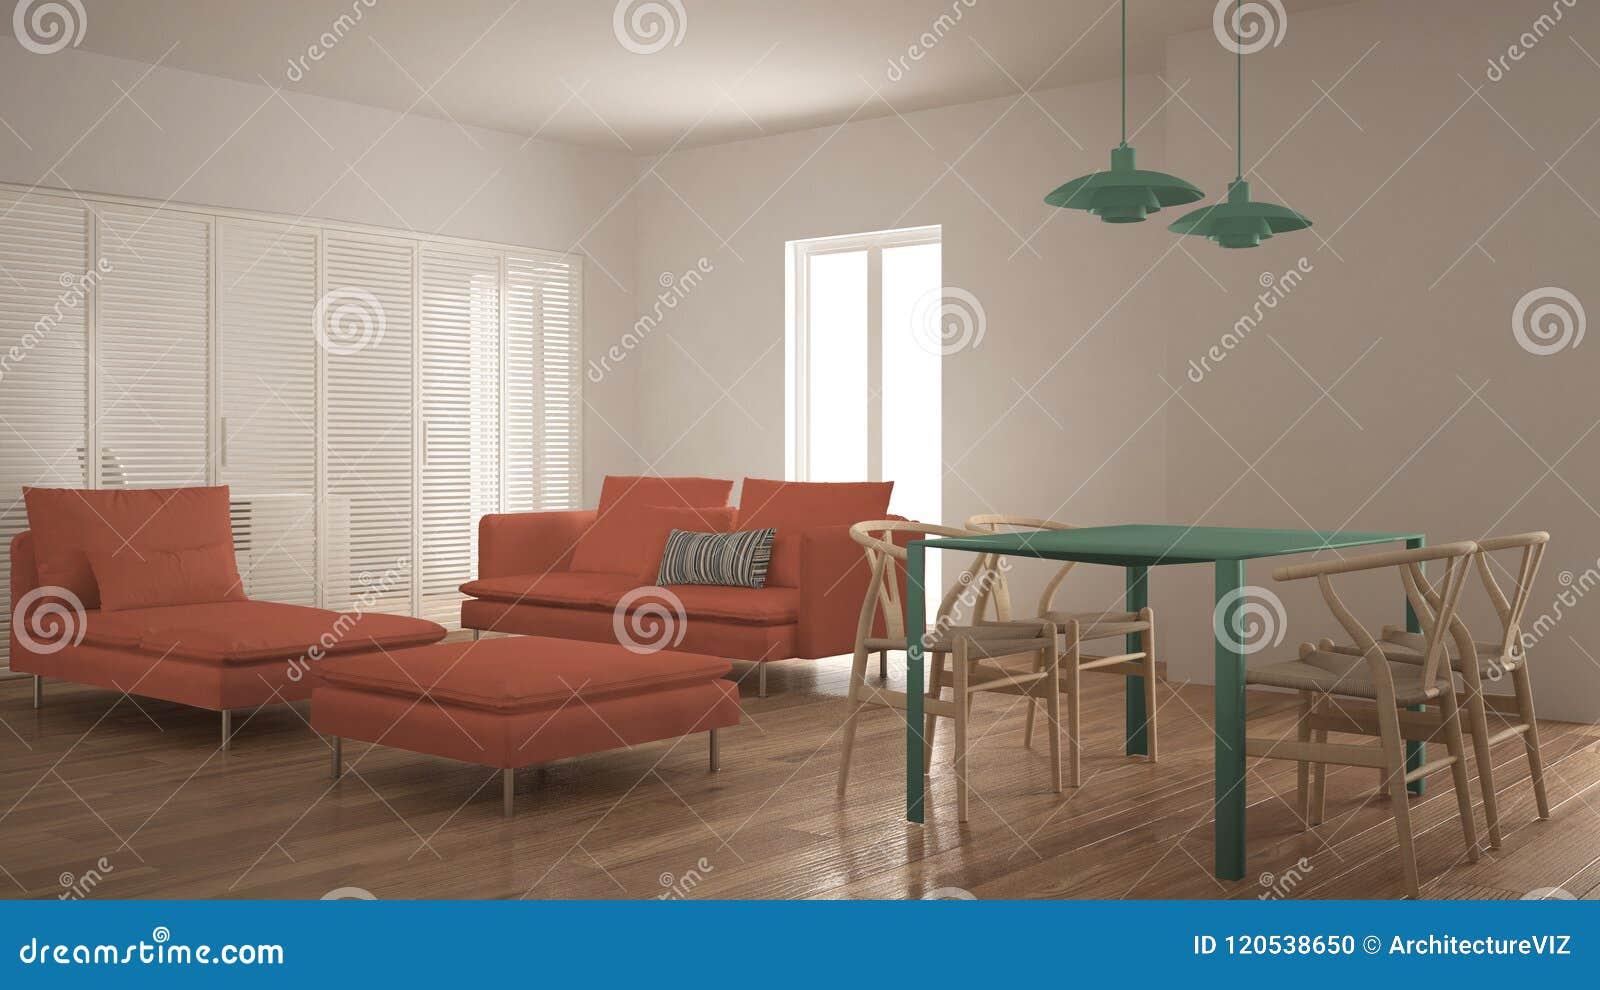 La Salon Porte Coulissante Avec Table Moderne Propre Et La zUpSMV